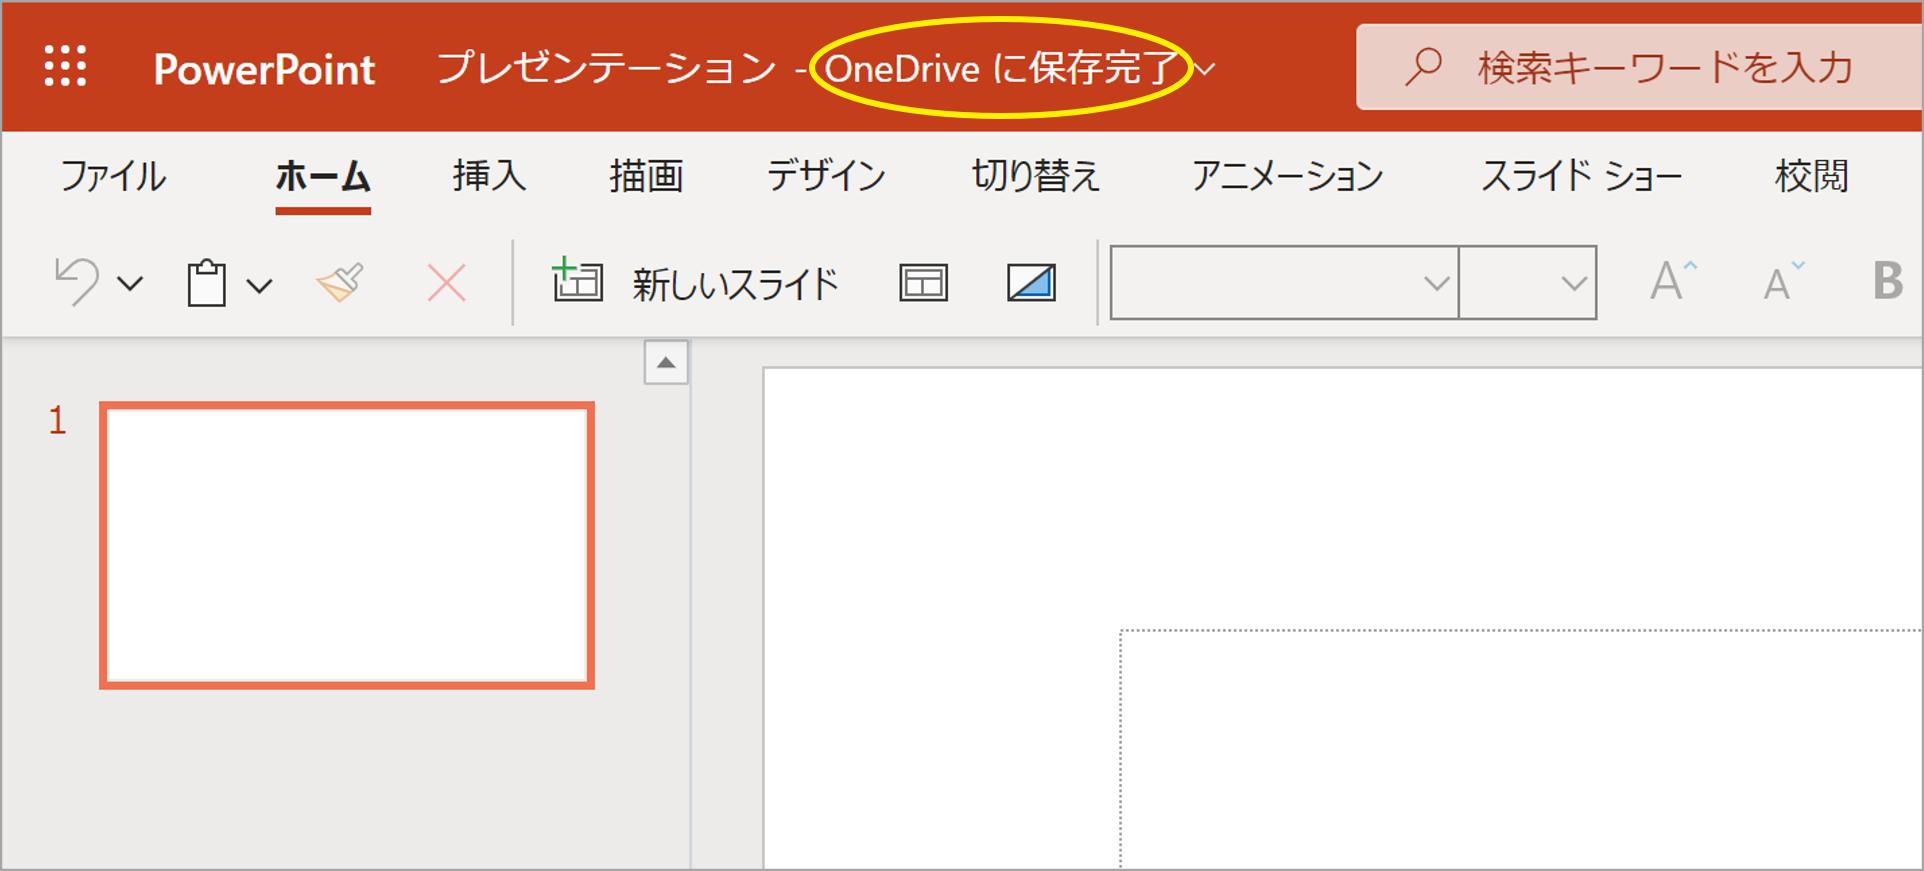 パワーポイントが自動的にOneDriveに保存される